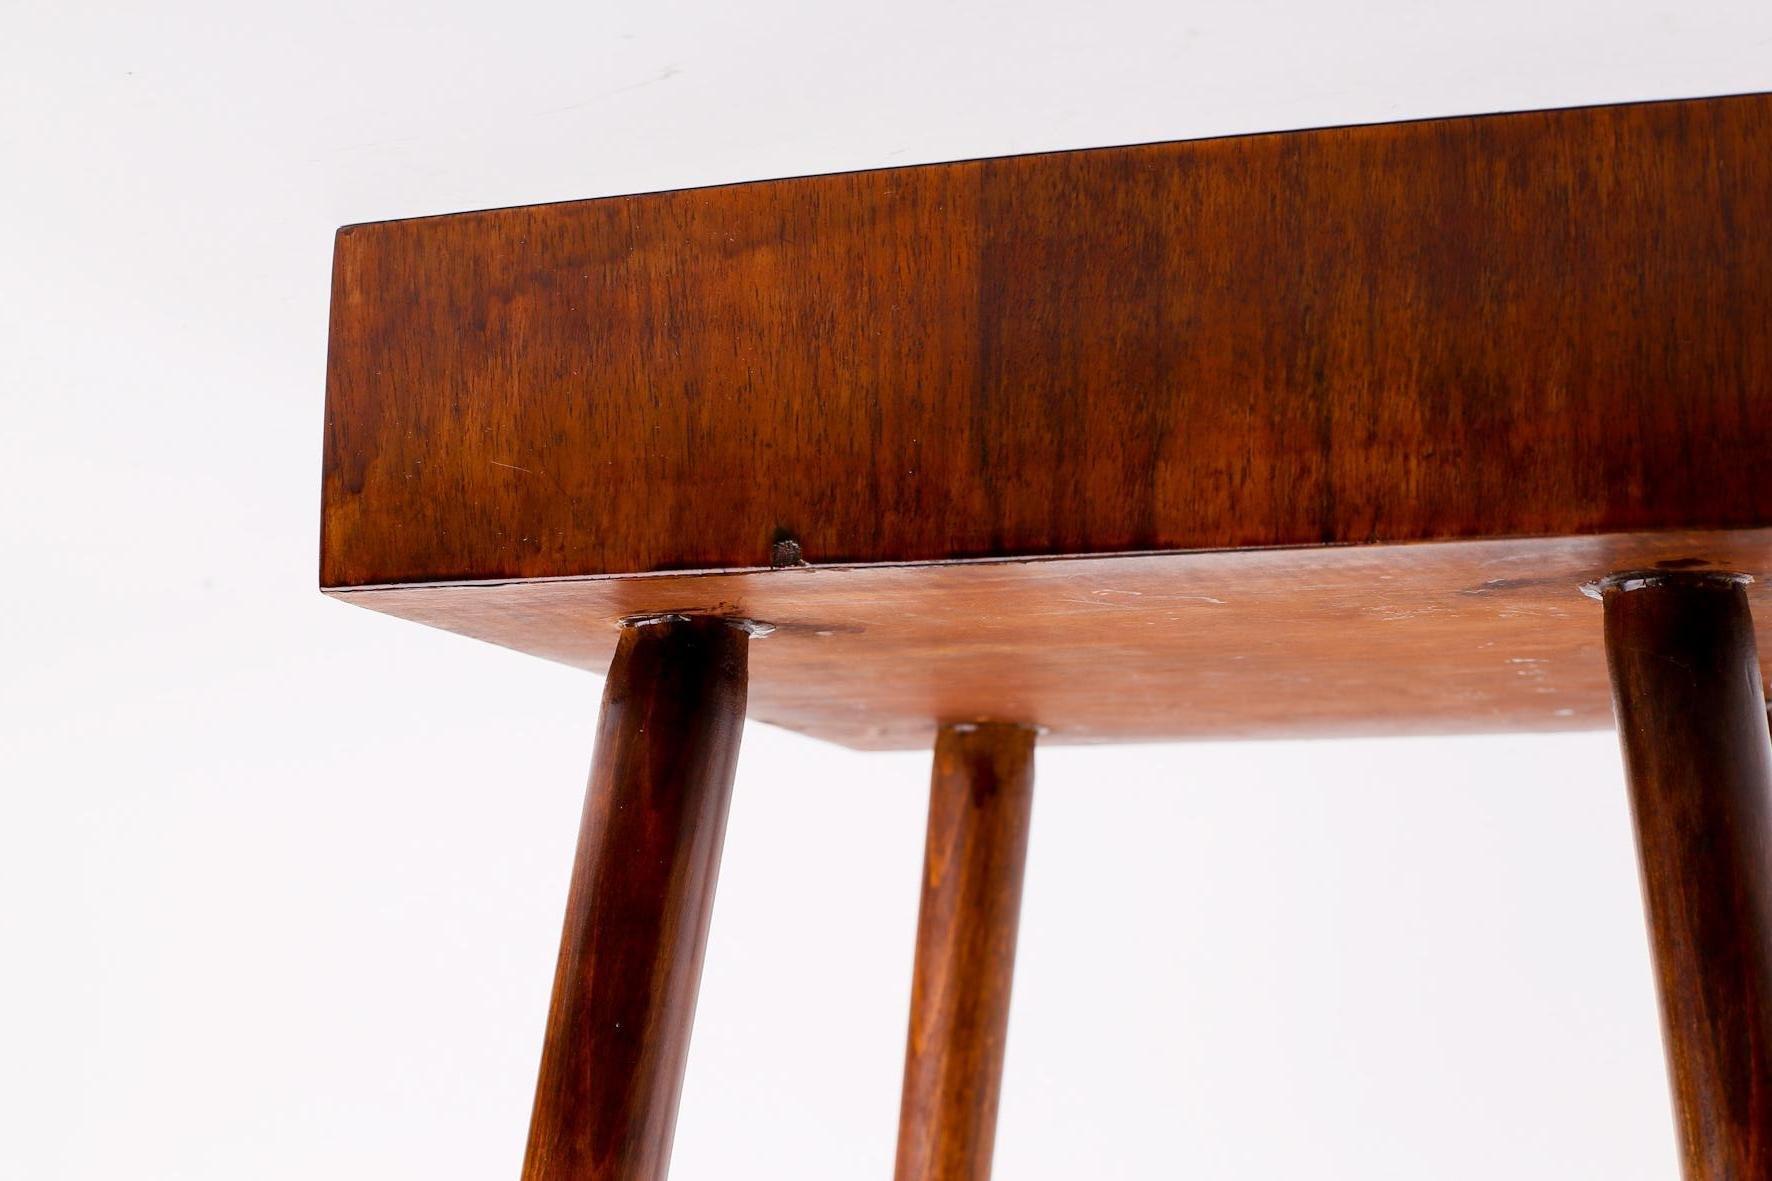 petite table d 39 appoint brutaliste vintage en placage de noyer en vente sur pamono. Black Bedroom Furniture Sets. Home Design Ideas